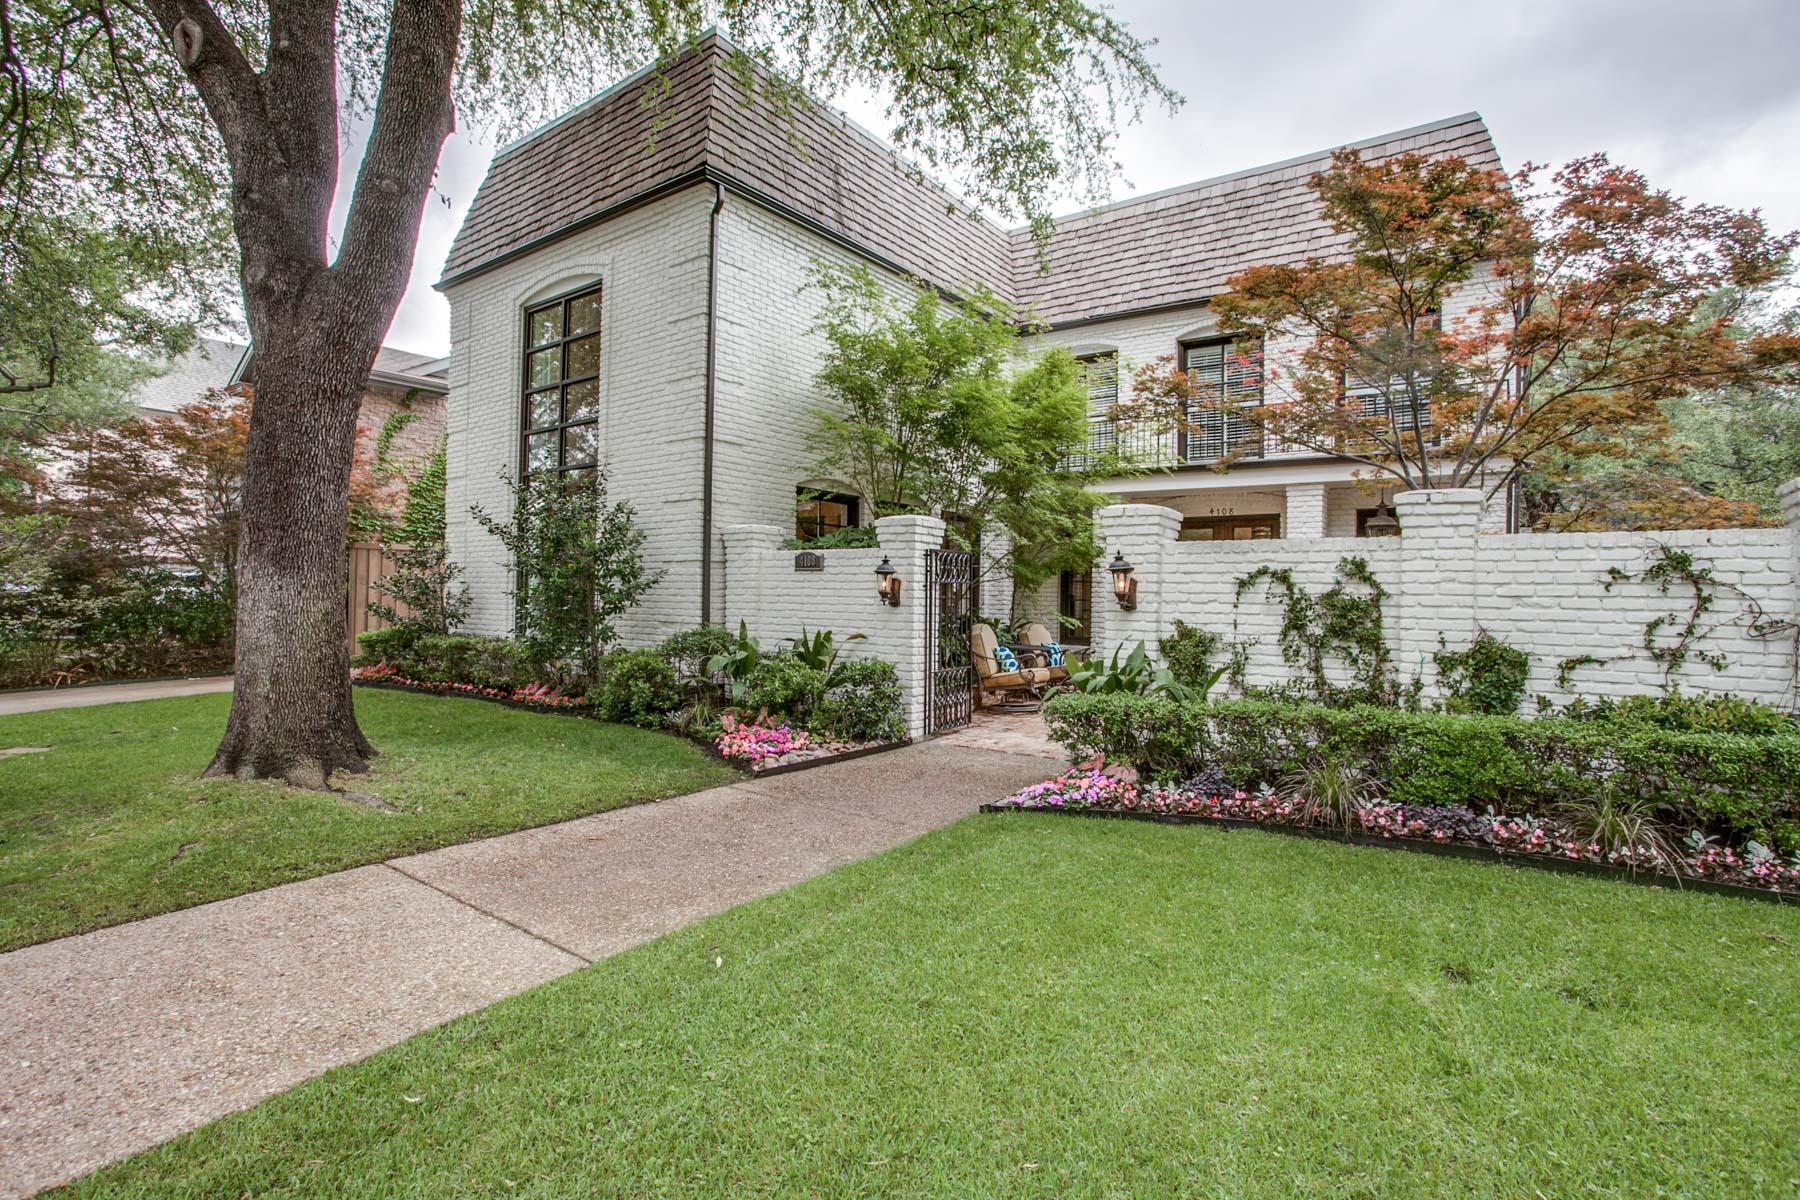 Maison unifamiliale pour l Vente à Custom University Park 4108 Stanhope St Dallas, Texas, 75205 États-Unis